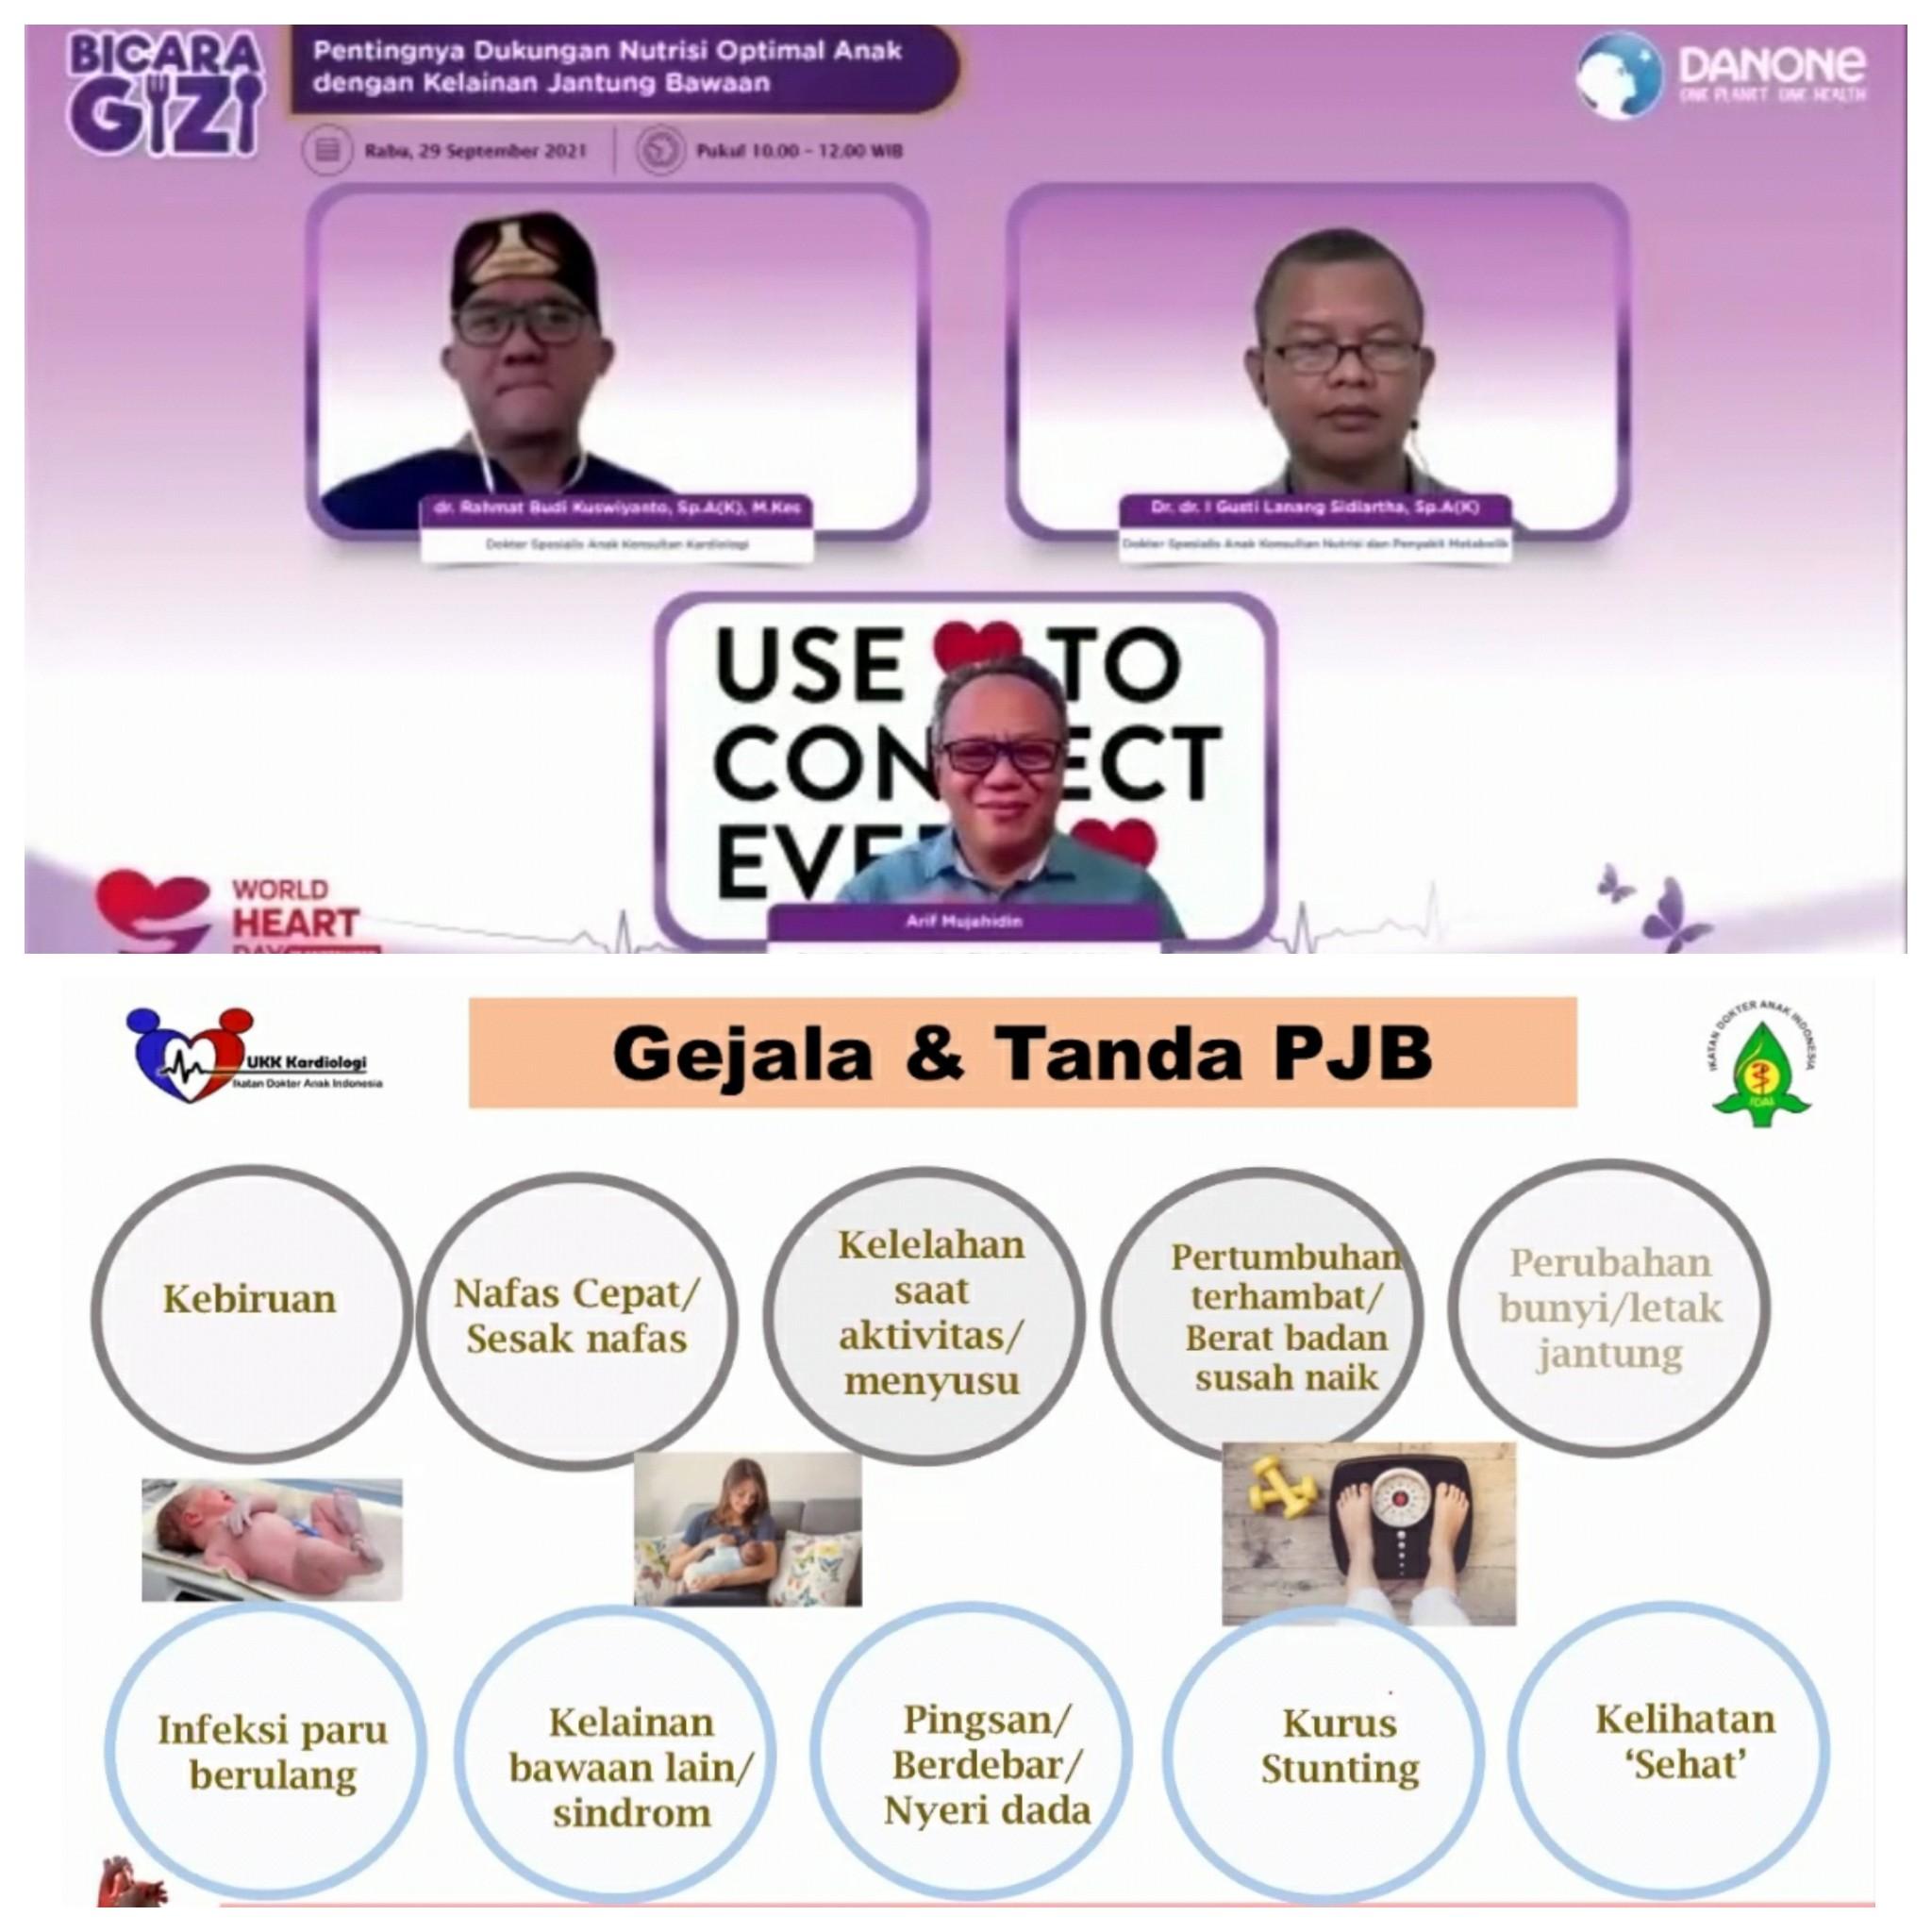 Dukungan Danone Specialized Nutrition Indonesia bagi orang tua dengan anak PJB